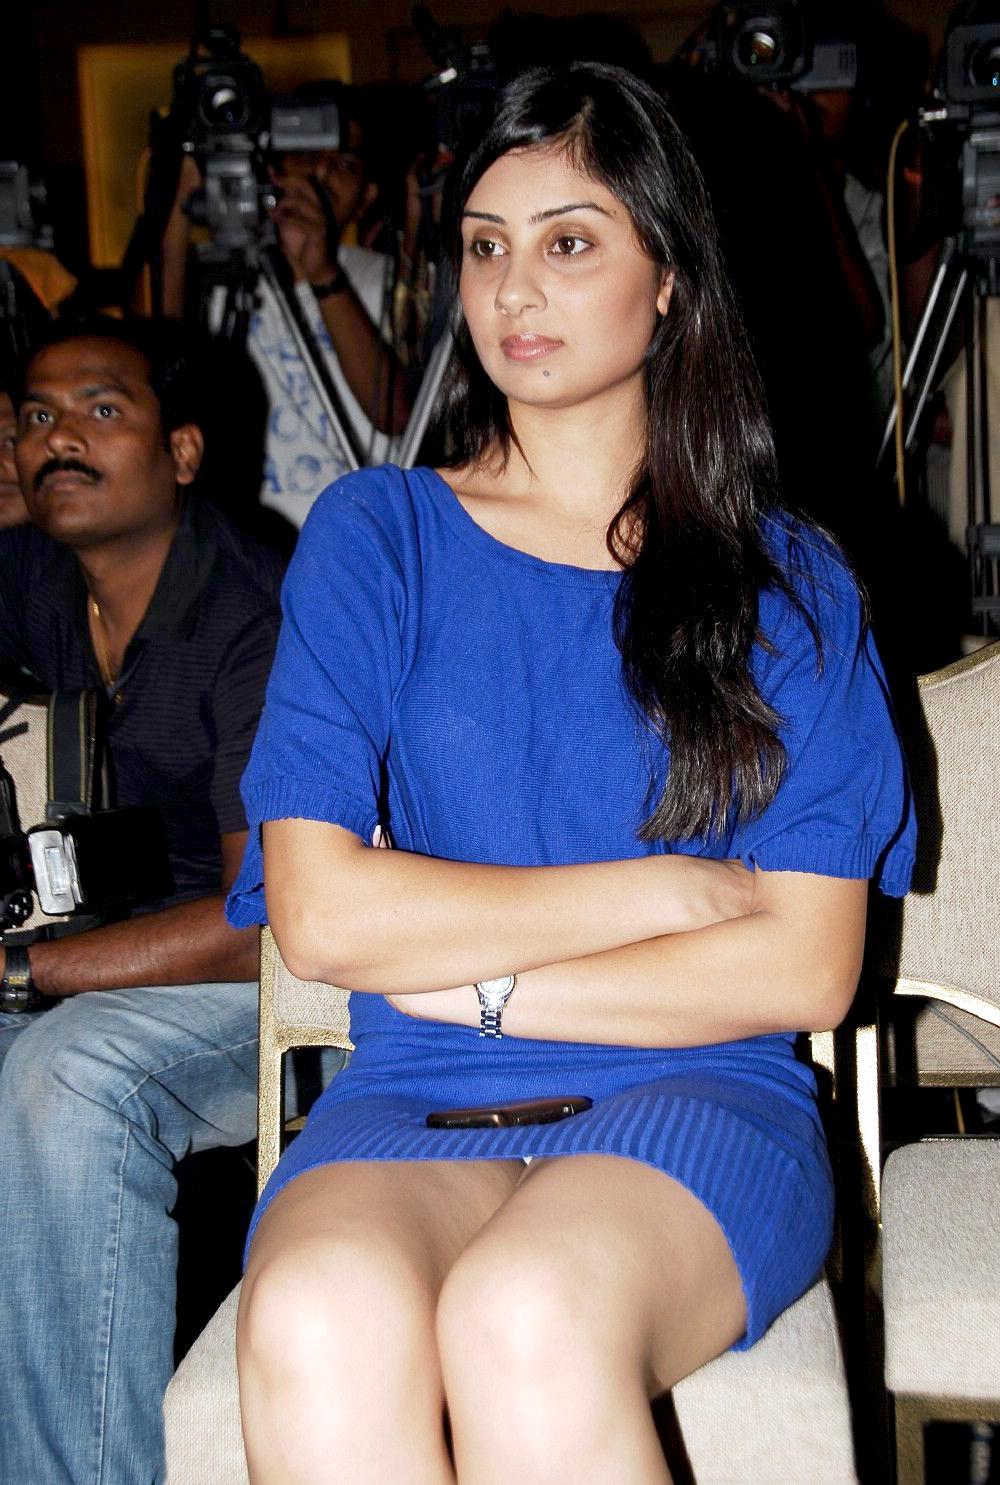 Rkee 4 Media Bhanu Sri Mehra Up Skirt Photo Gallery -4583